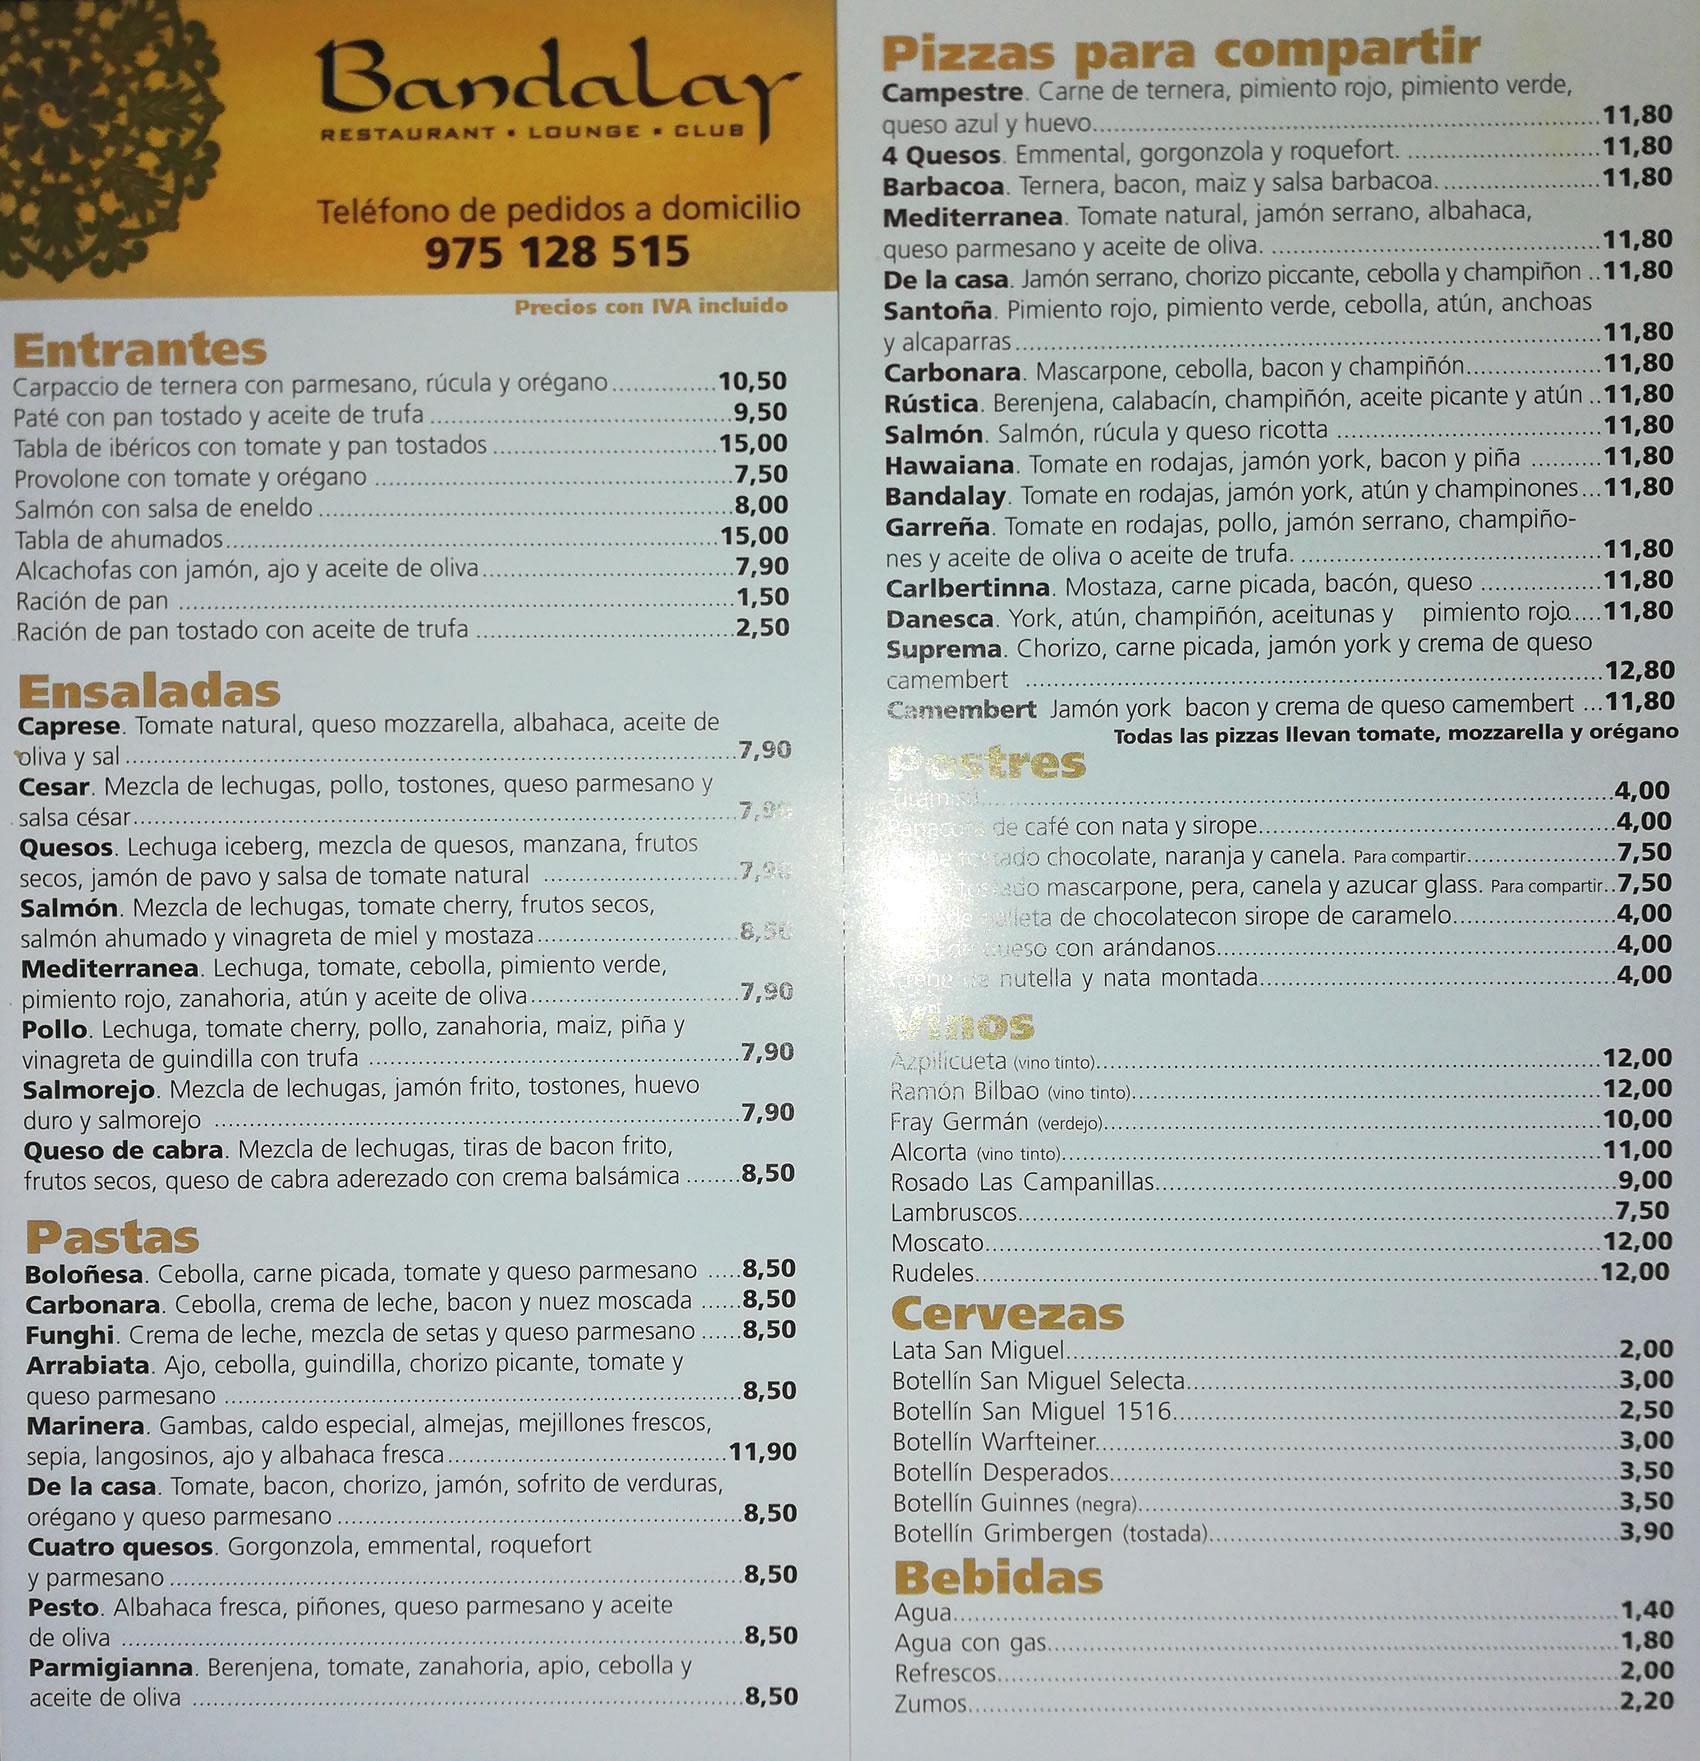 bandalay-carta_1iibook9.jpg